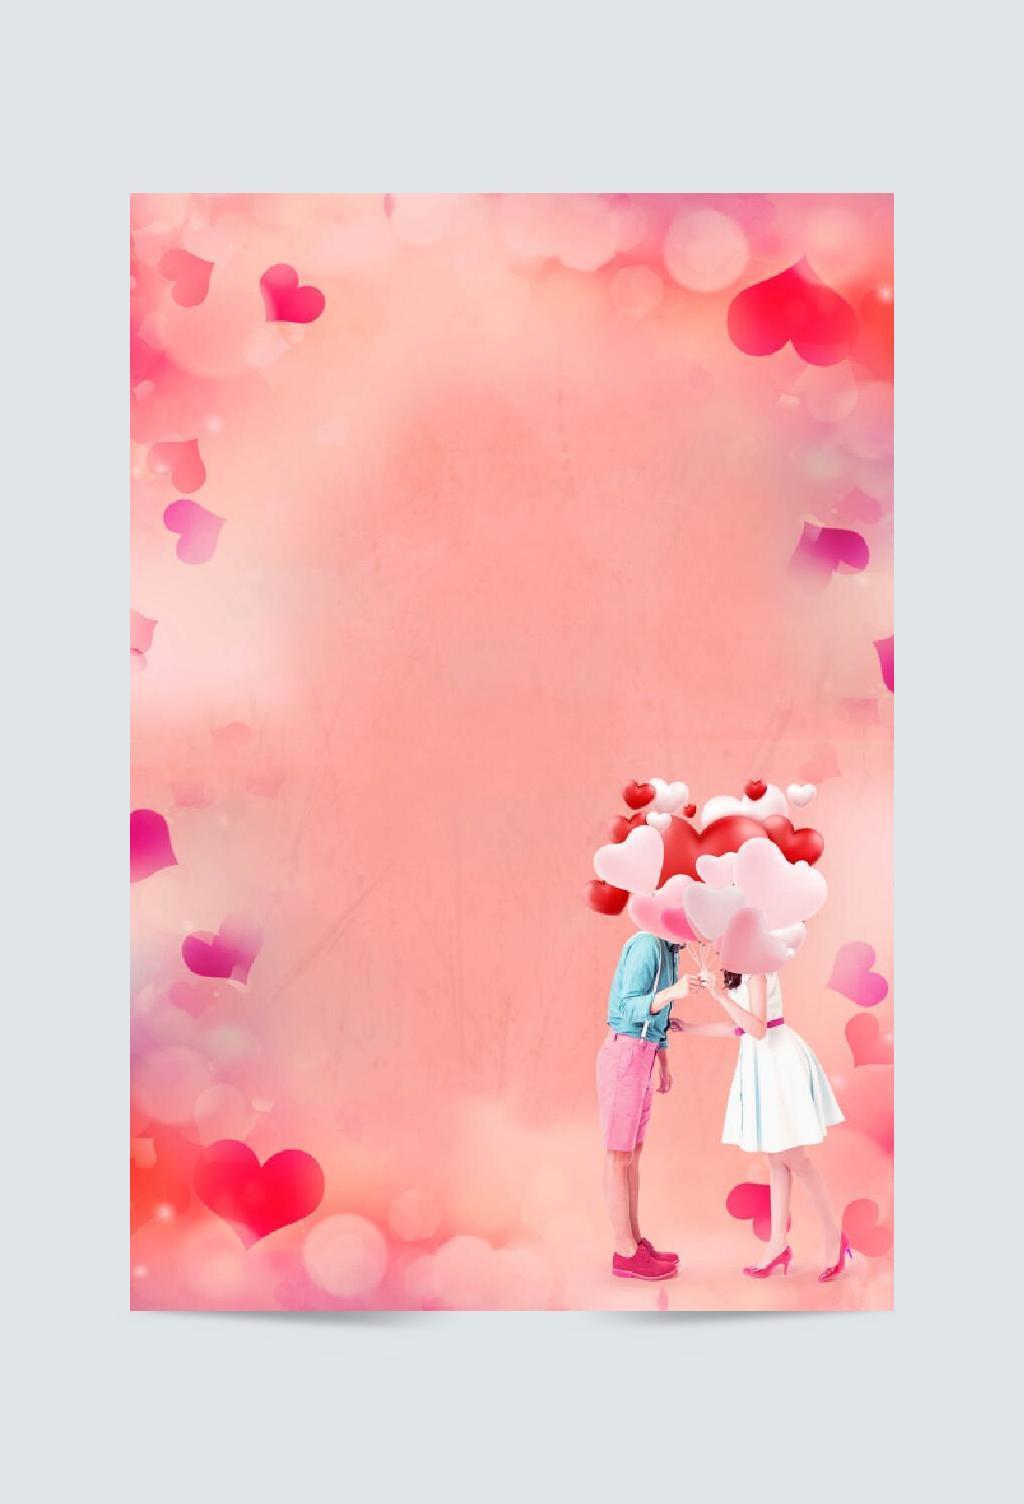 粉色浪漫情侣爱心气球情人节背景素材